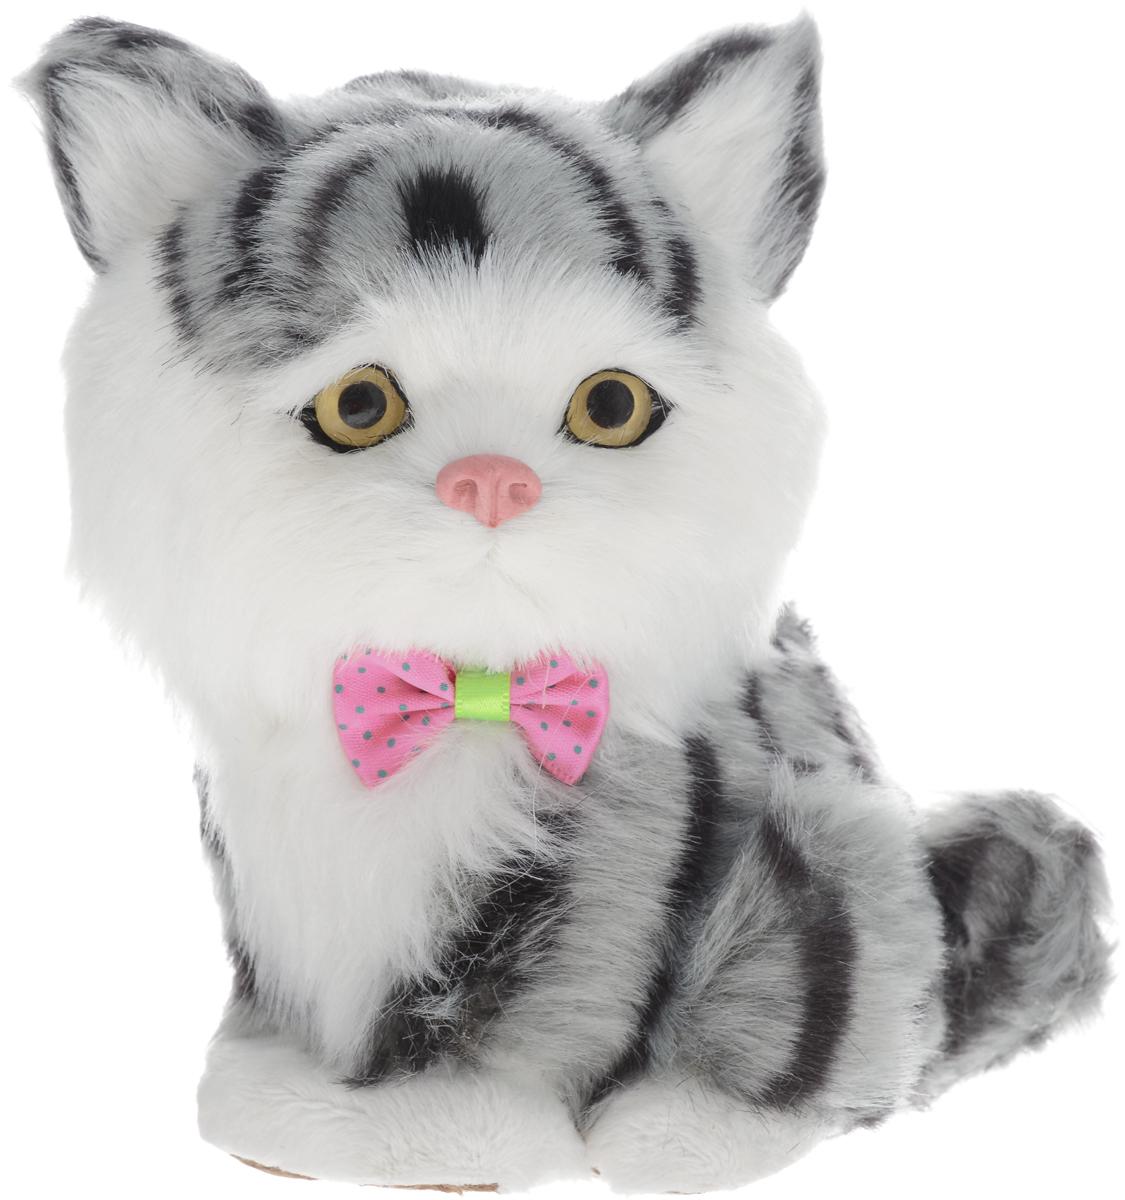 Фото - Vebtoy Фигурка Котенок сидящий цвет серый vebtoy фигурка спящий котенок на коврике со звуком мяу цвет черно белый